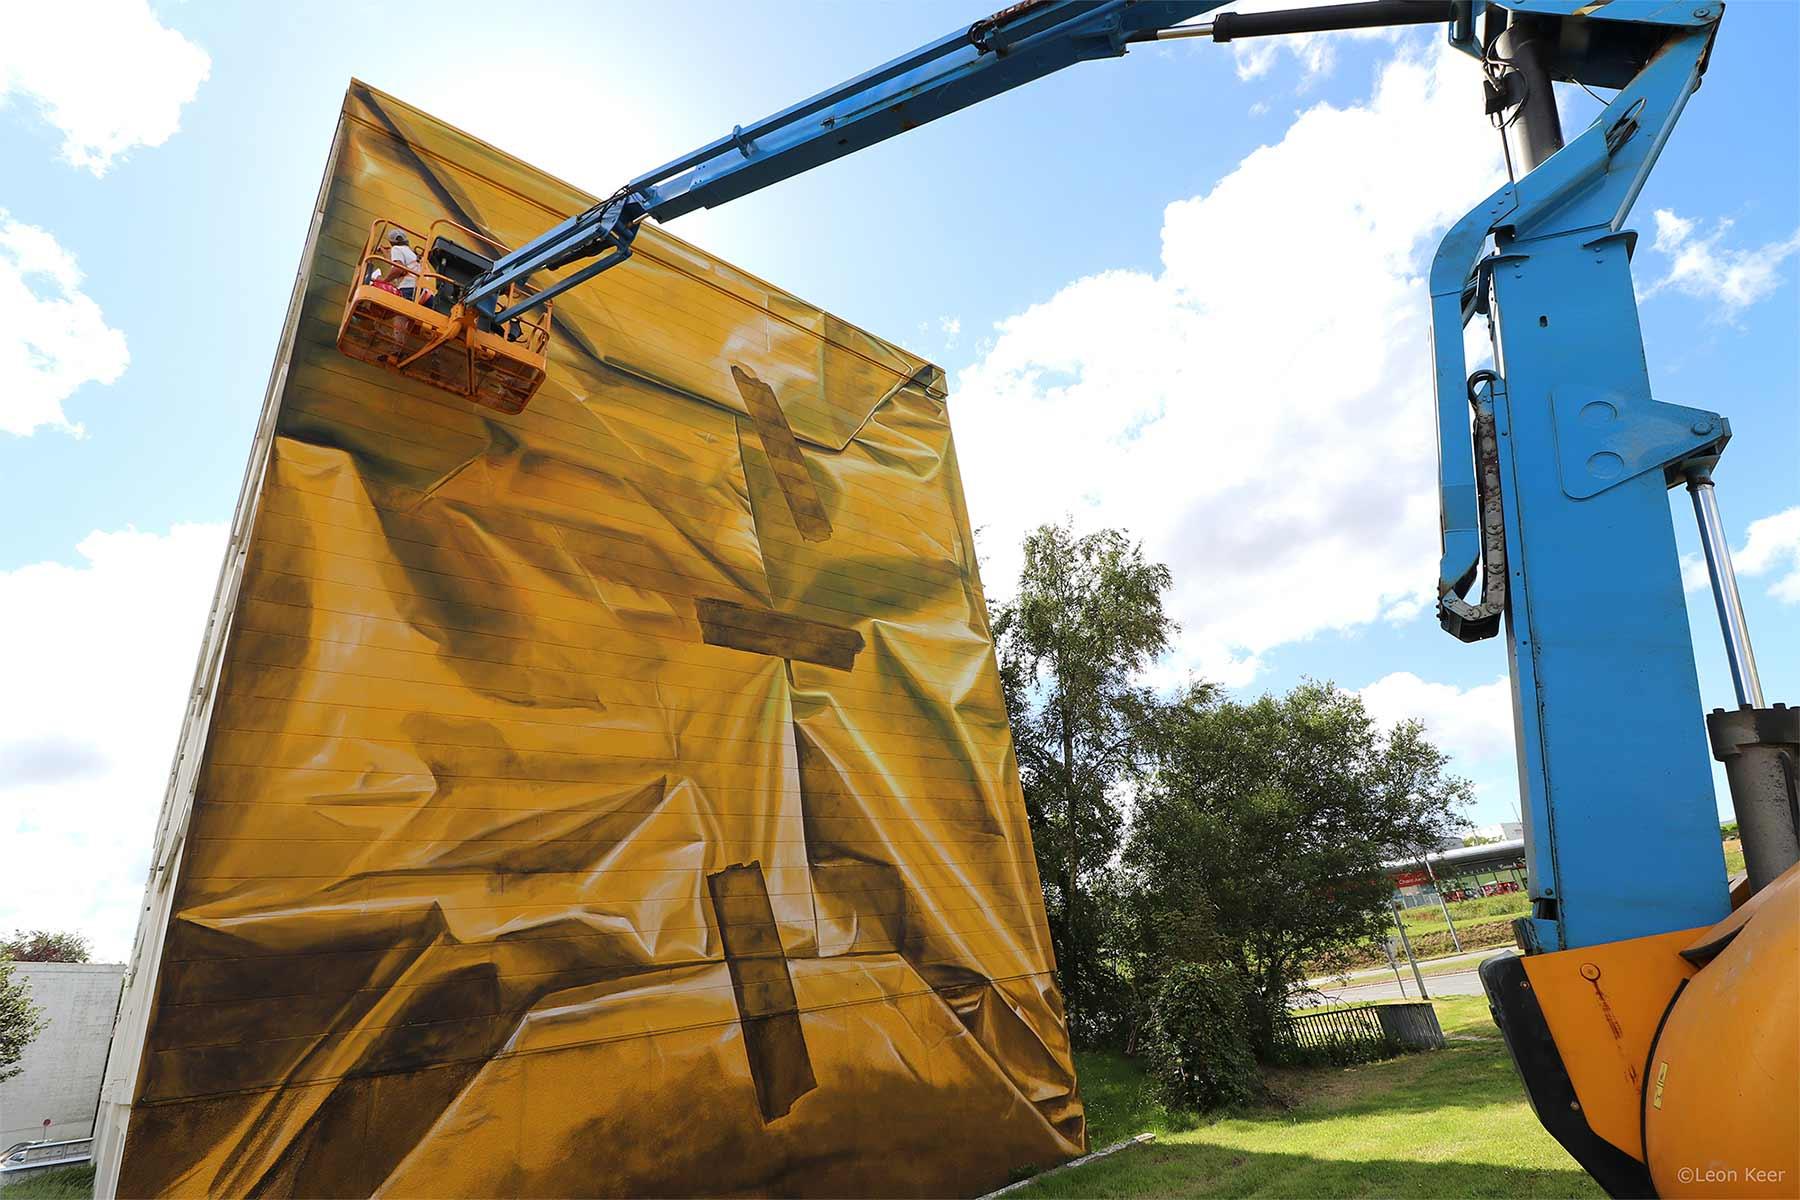 Street Artist Leon Keer packt ein Haus als Geschenk ein Leon-Keer-safe-house-geschenk-mural_05